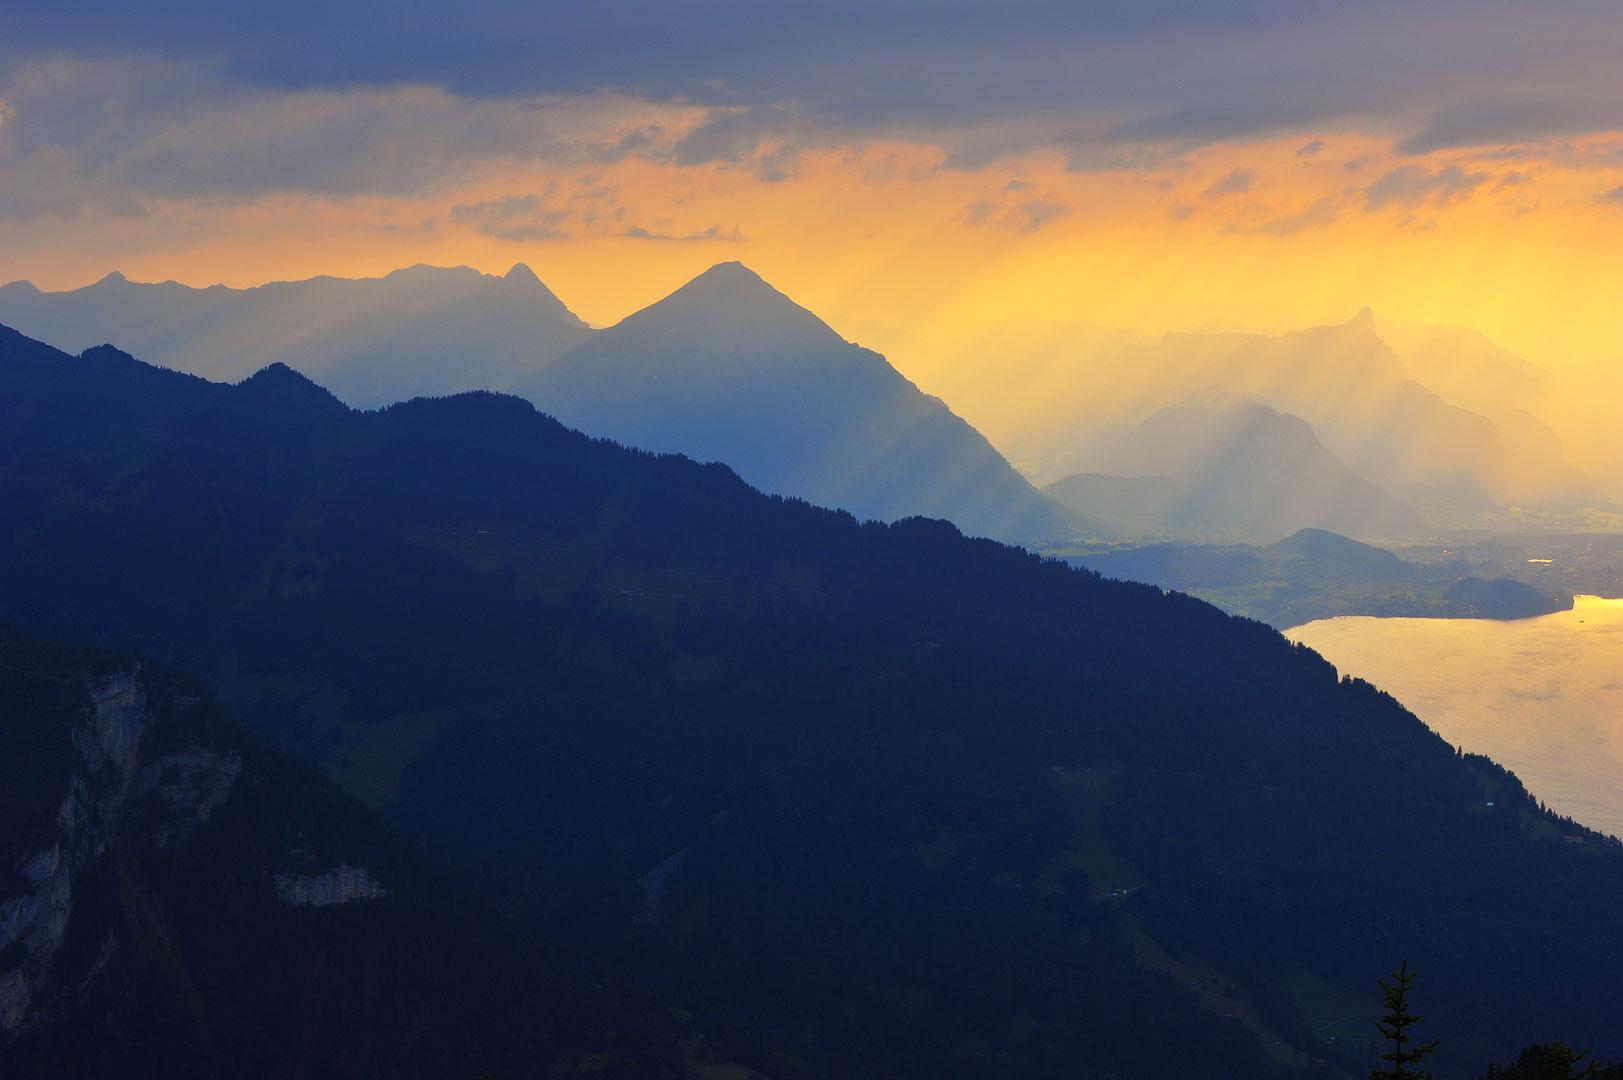 Switzerland, Alps, Schilthorn, Eiger, Mönch, Grindelwald, Jungfrau, Kleine Scheidegg, Swiss Alps, Interlaken, Schynige Platte, Wetterhorn, Brienzersee, Lauterbrunnen, Männlichen, Schreckhorn, Wengen, photo